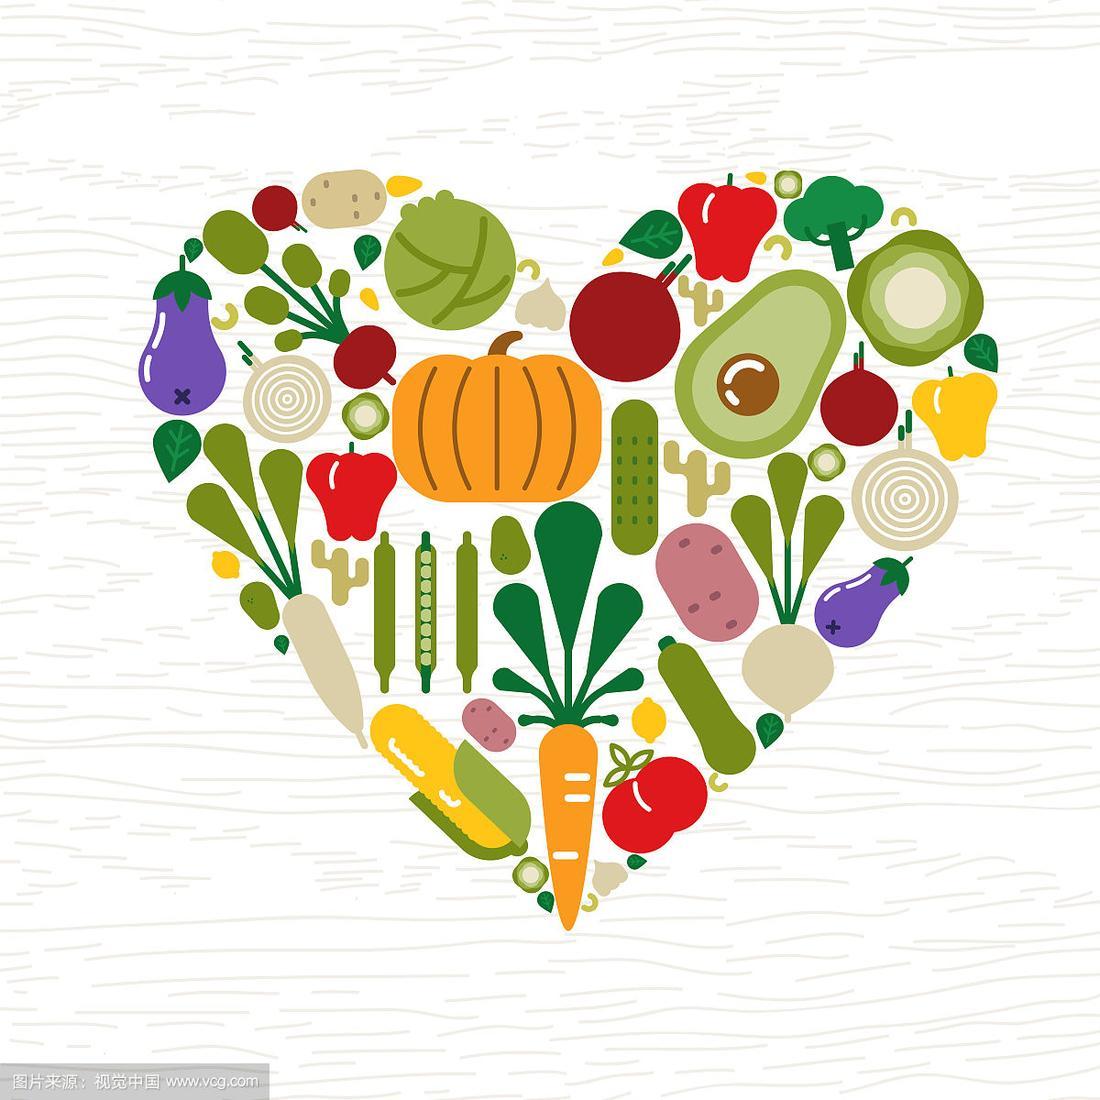 蔬菜,食品,计算机图标,概念,心型,轮廓,自然,有机食品,符号,健康食物